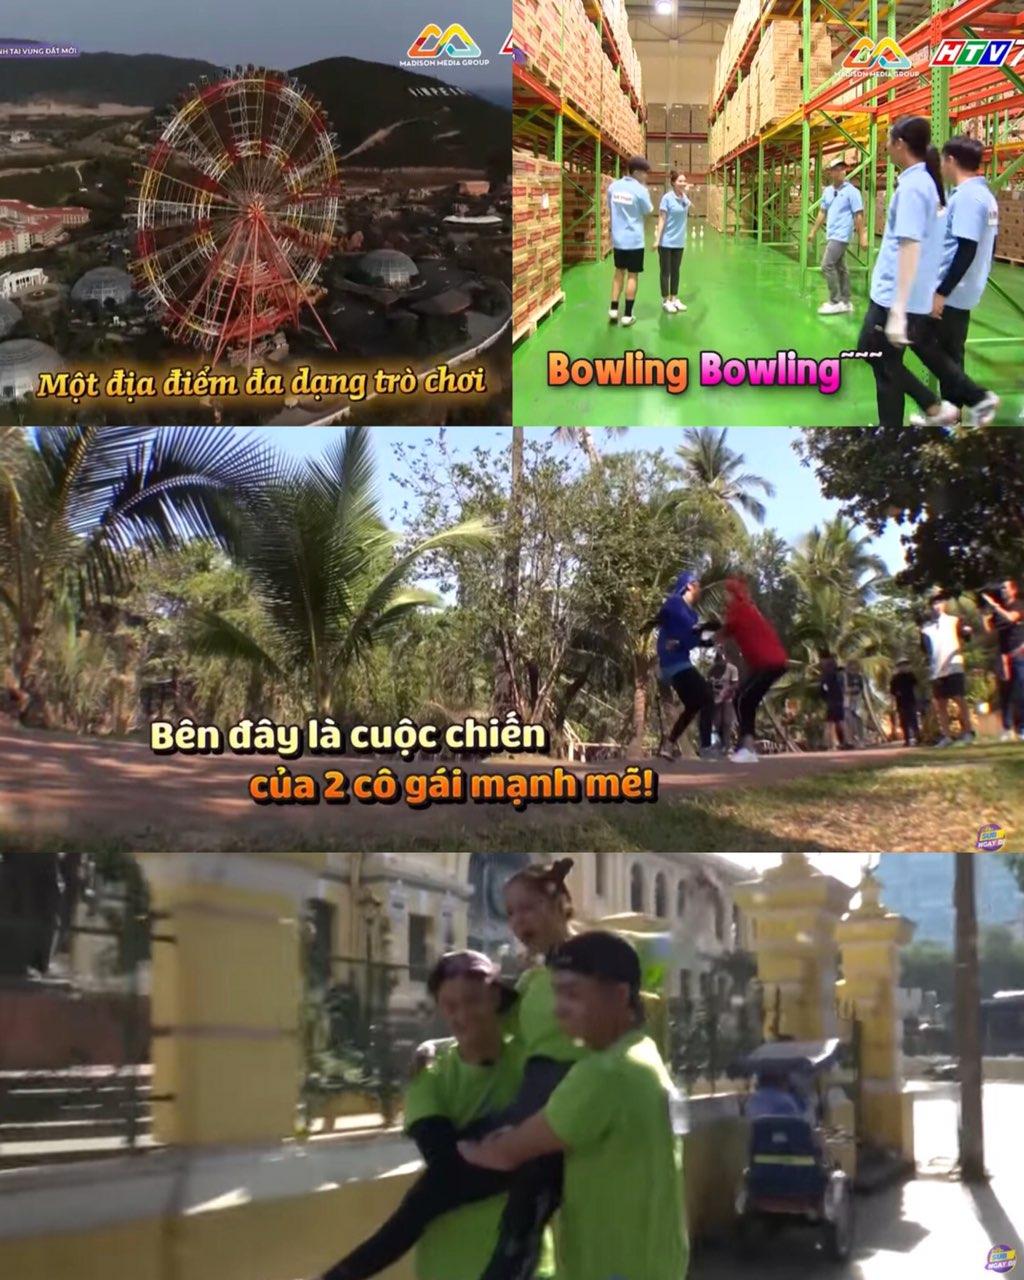 Những yếu tố góp phần giúp Chạy Đi Chờ Chi trở thành gameshow hot nhất hè này